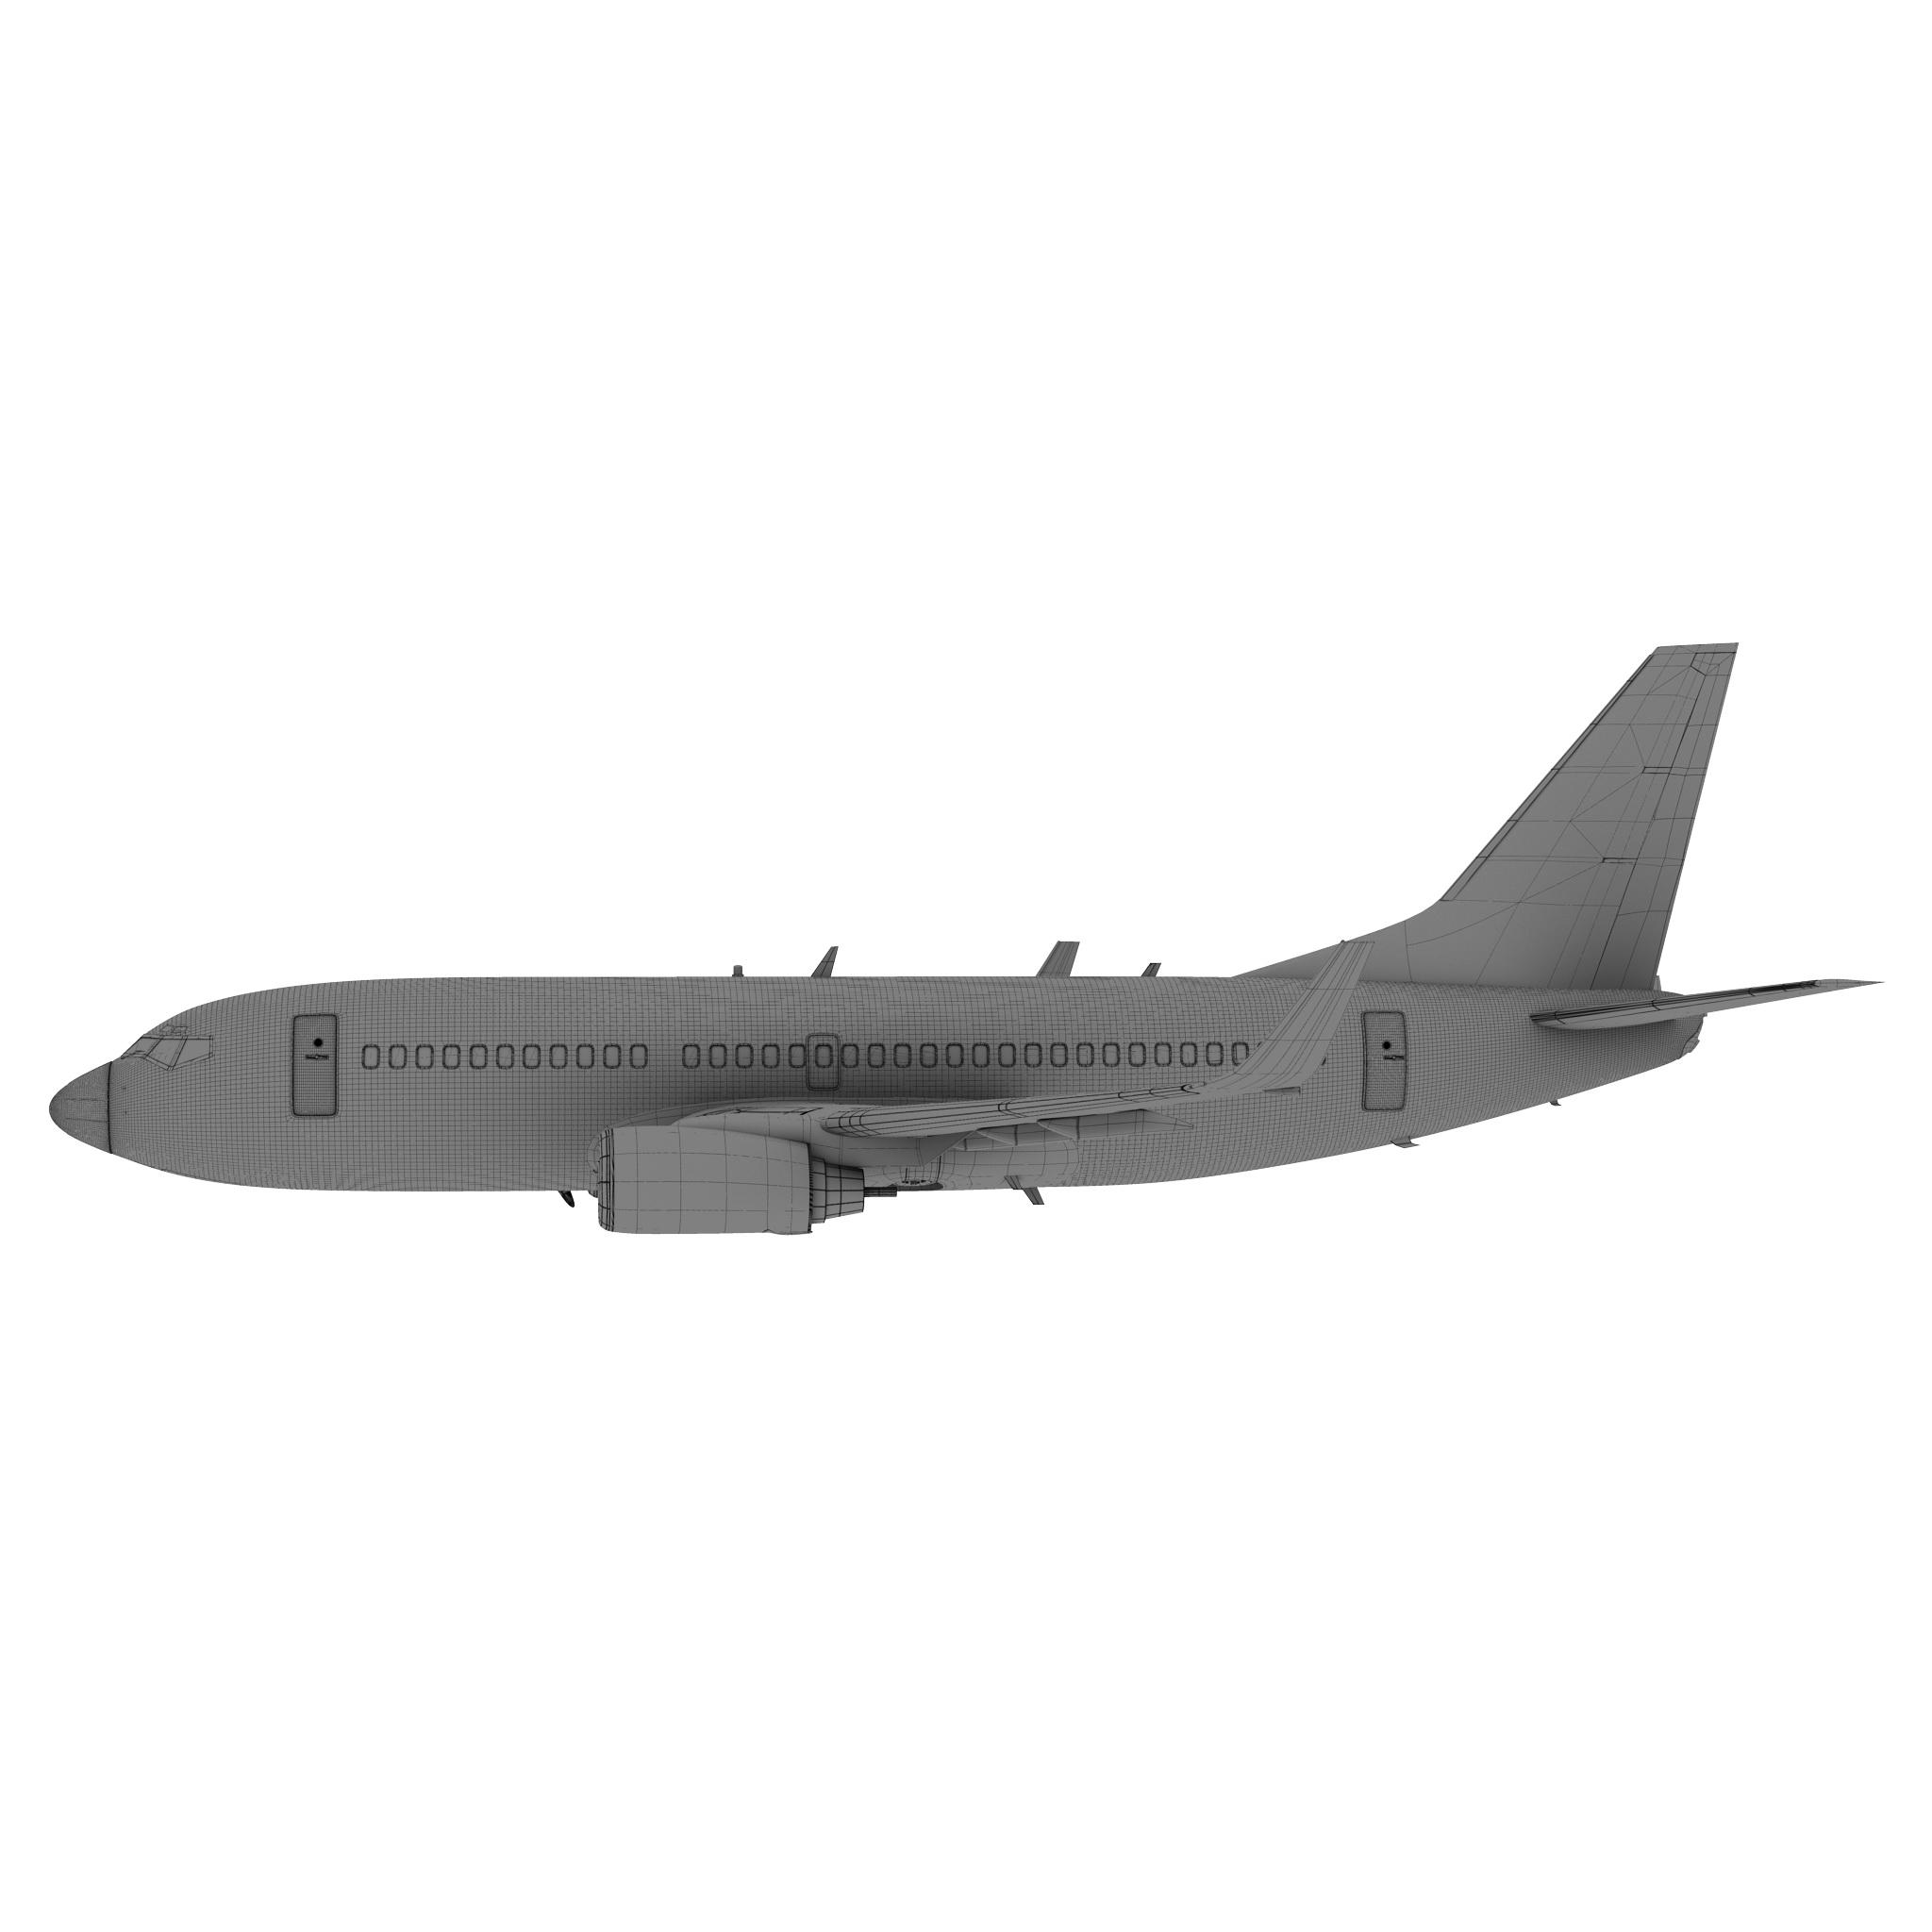 airberlin boeing 737-700w 3d model max fbx c4d ma mb obj 120520